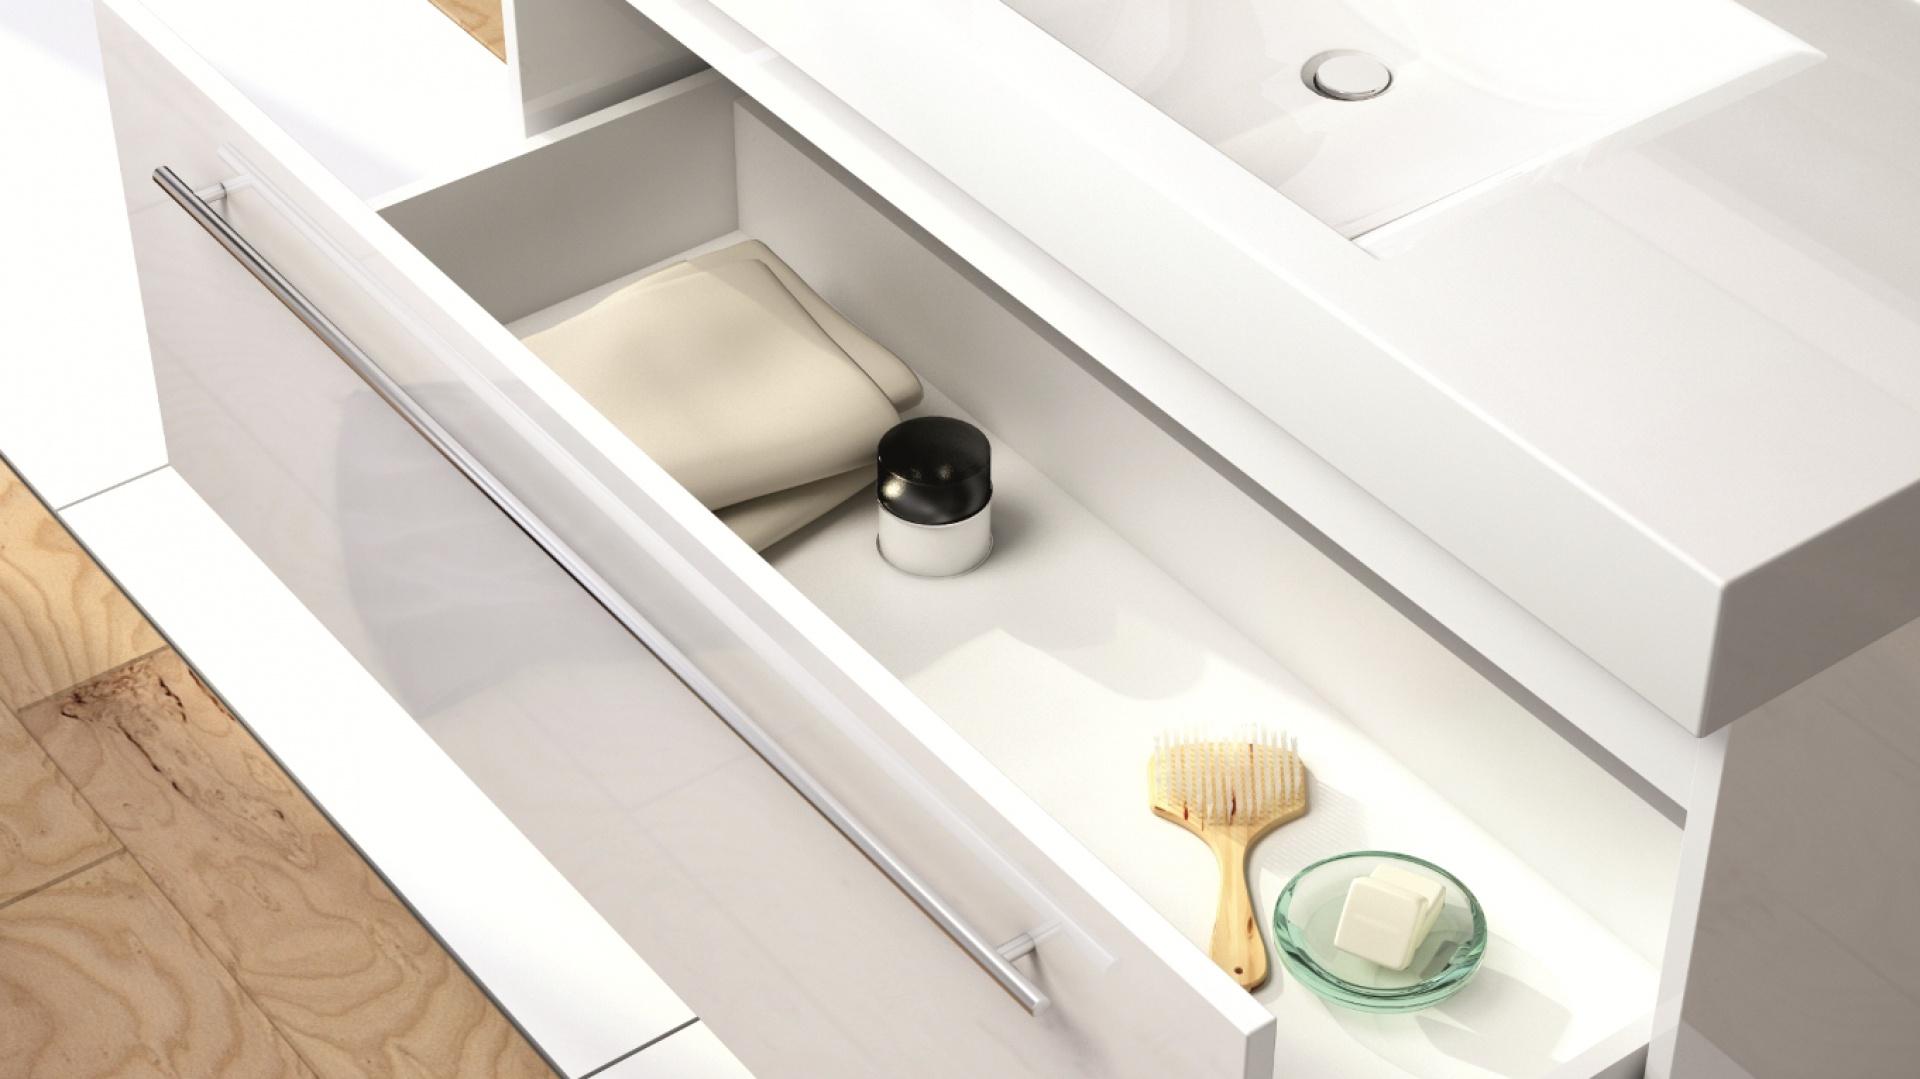 Szafka podumywalkowa Aquaform Decora z szeroką szufladą, dostępna w szerokościach 70, 90 i 120 cm, cena od 613 zł brutto. Fot. Archiwum